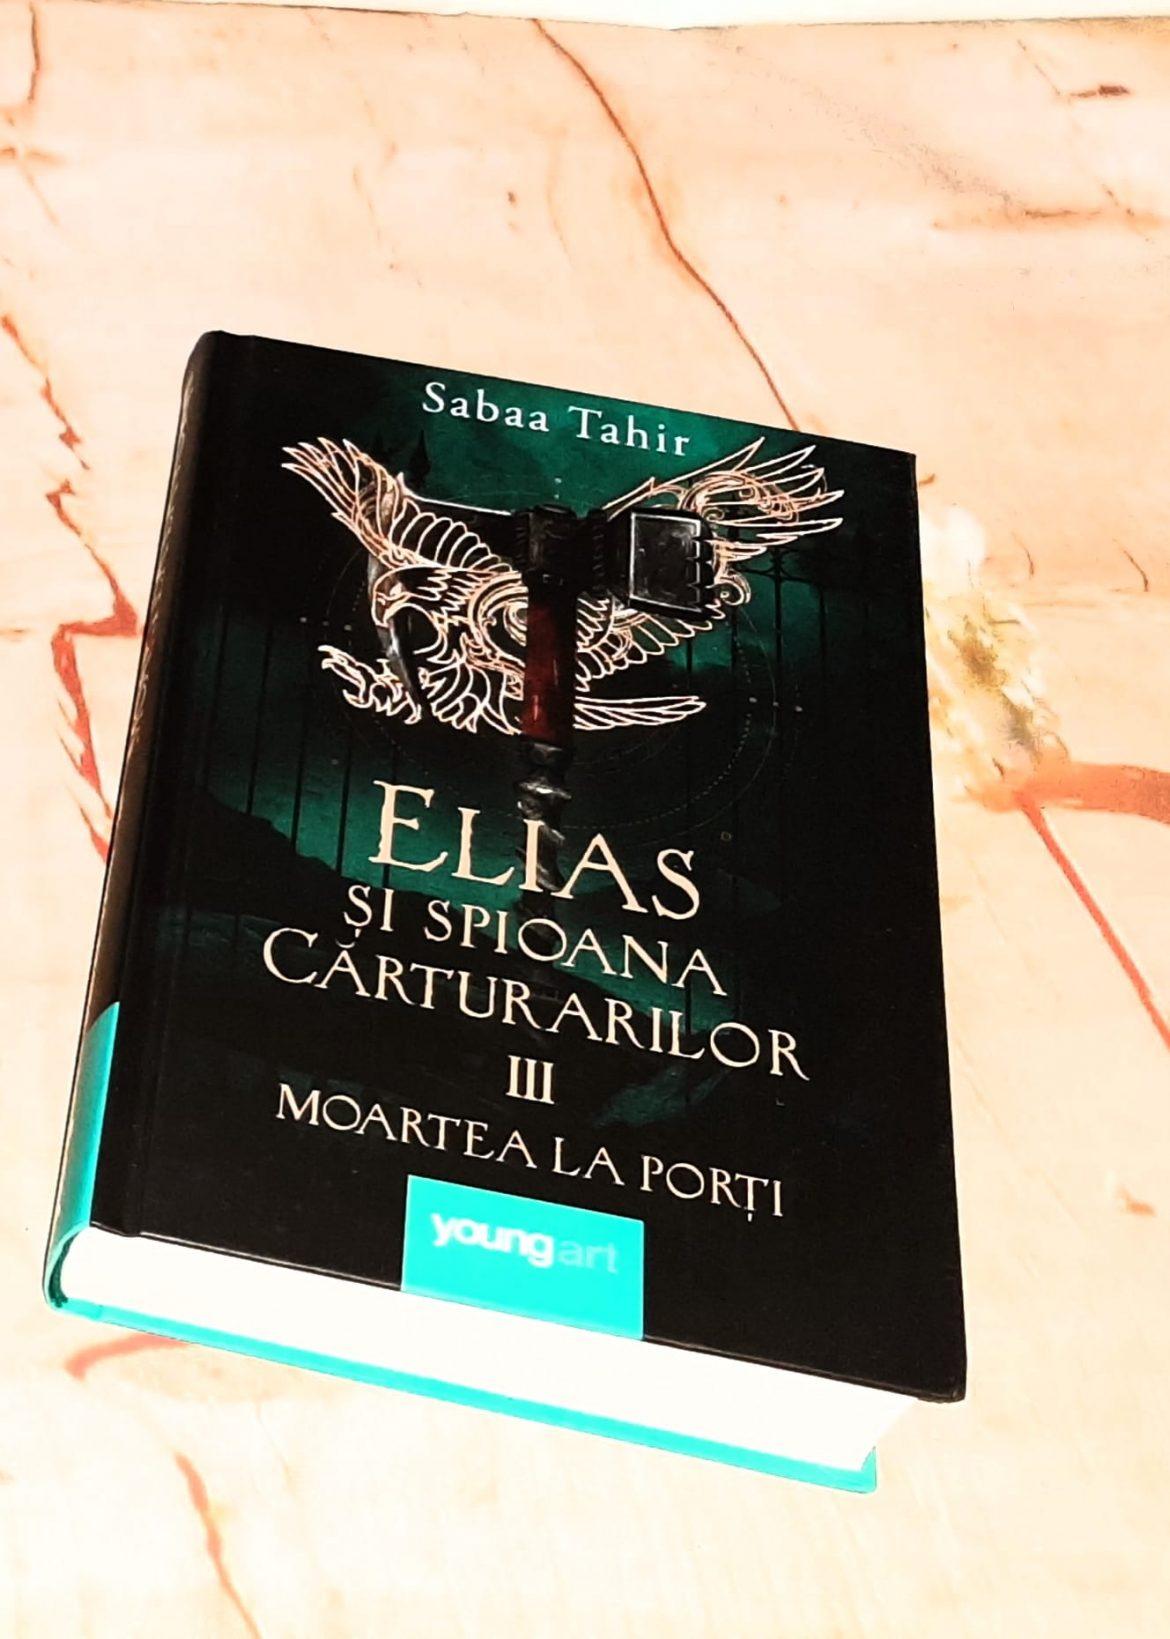 Moartea la porți (Elias și spioana Cărturarilor, vol.3 ) de Sabaa Tahir